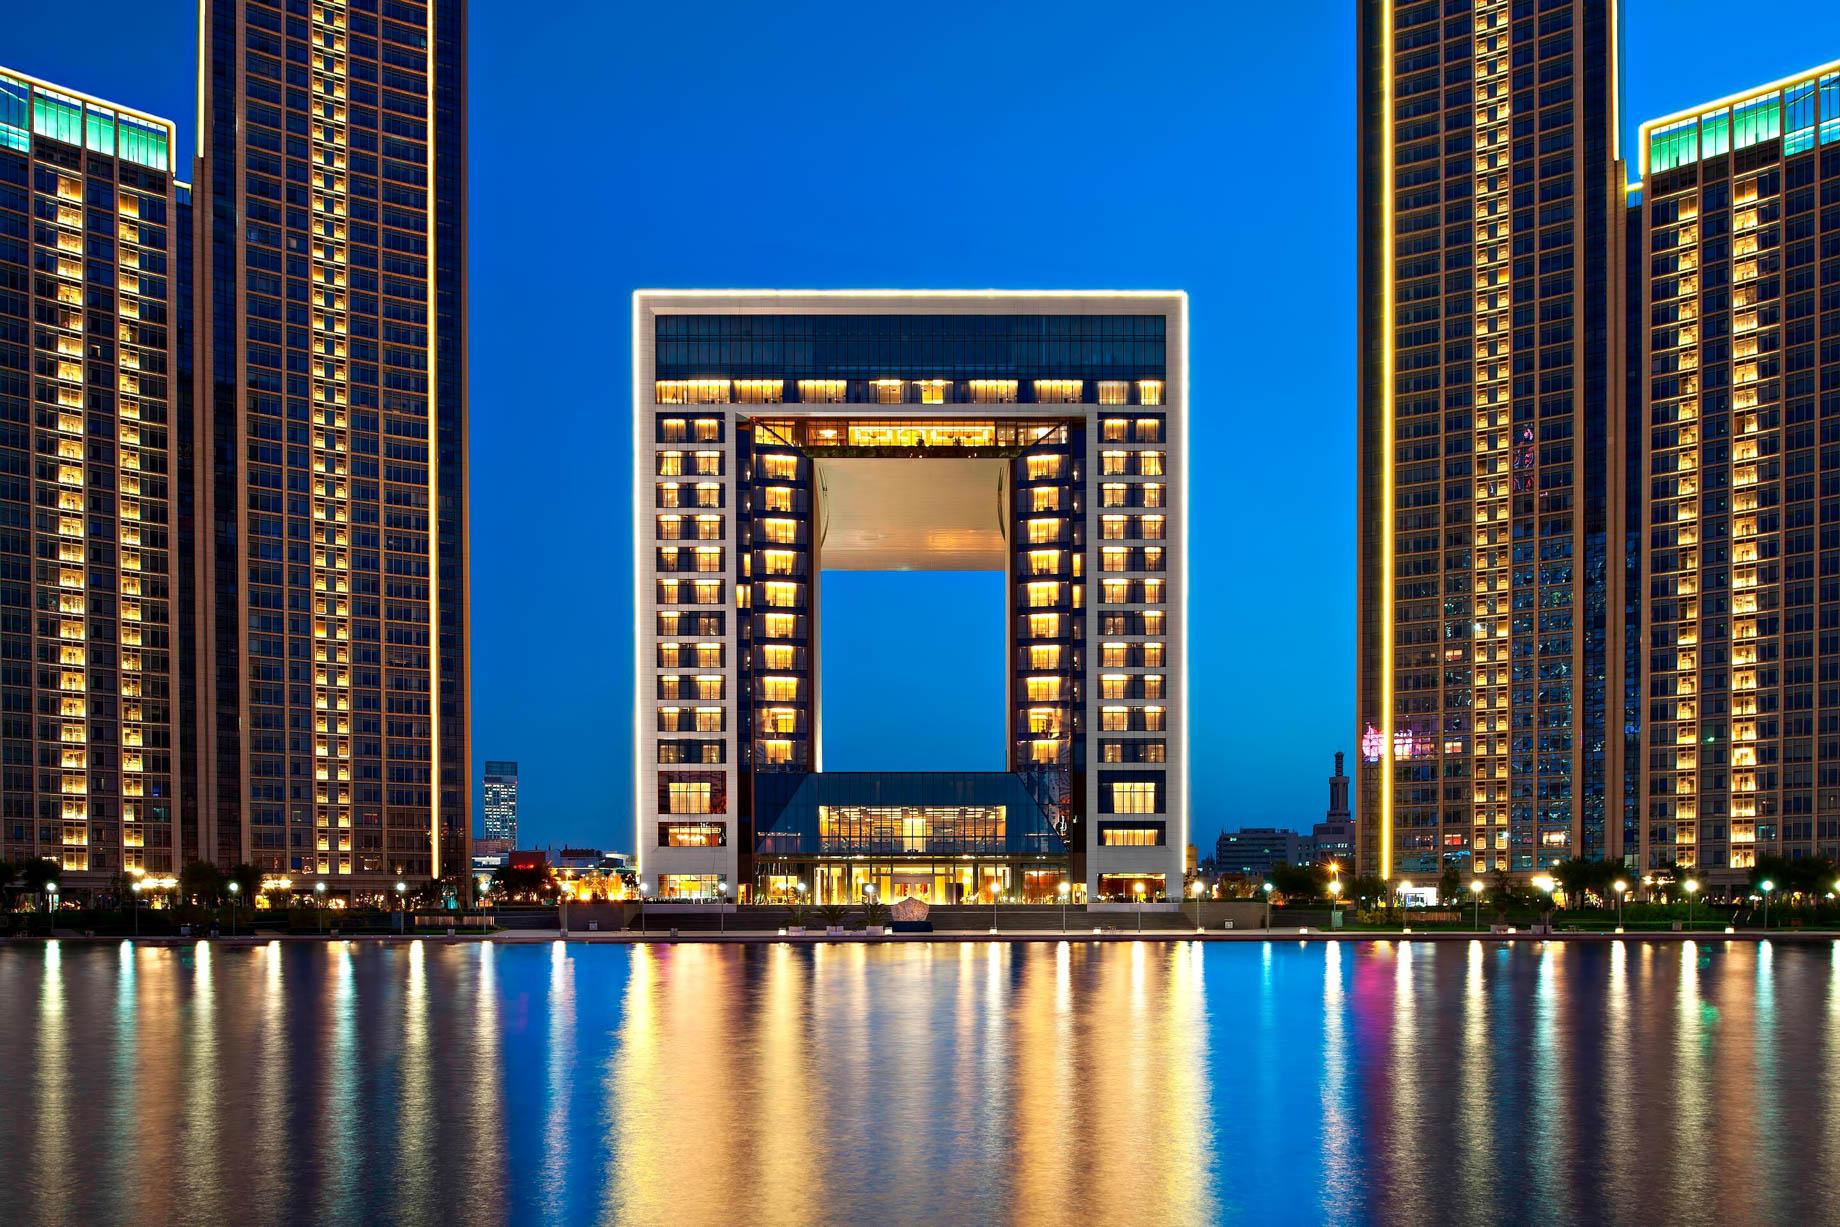 The St. Regis Tianjin Luxury Hotel - Tianjin, China